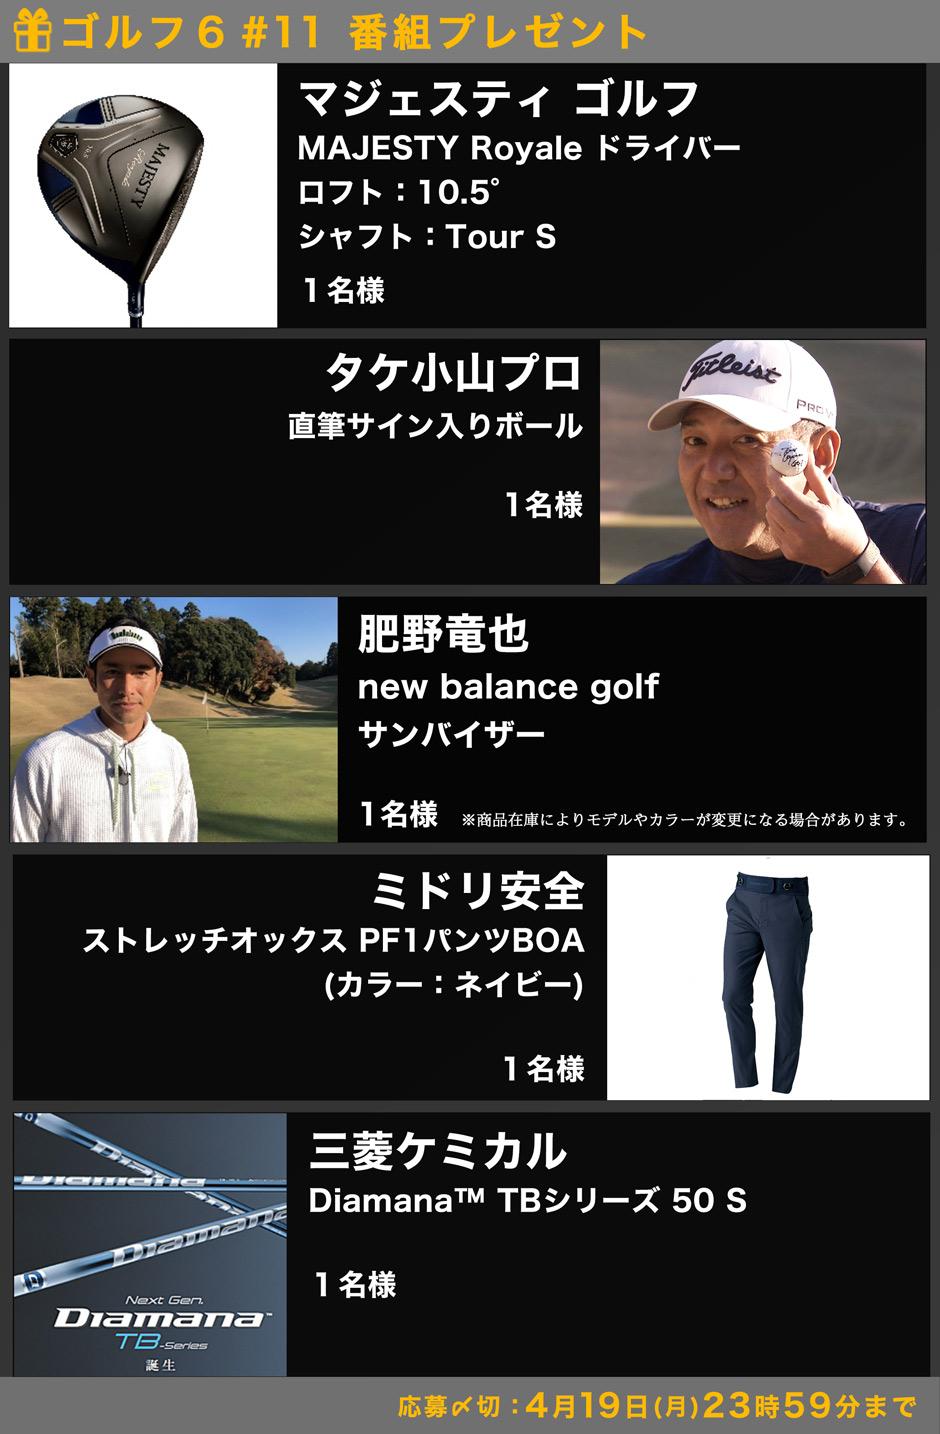 ゴルフ6#11 番組プレゼント